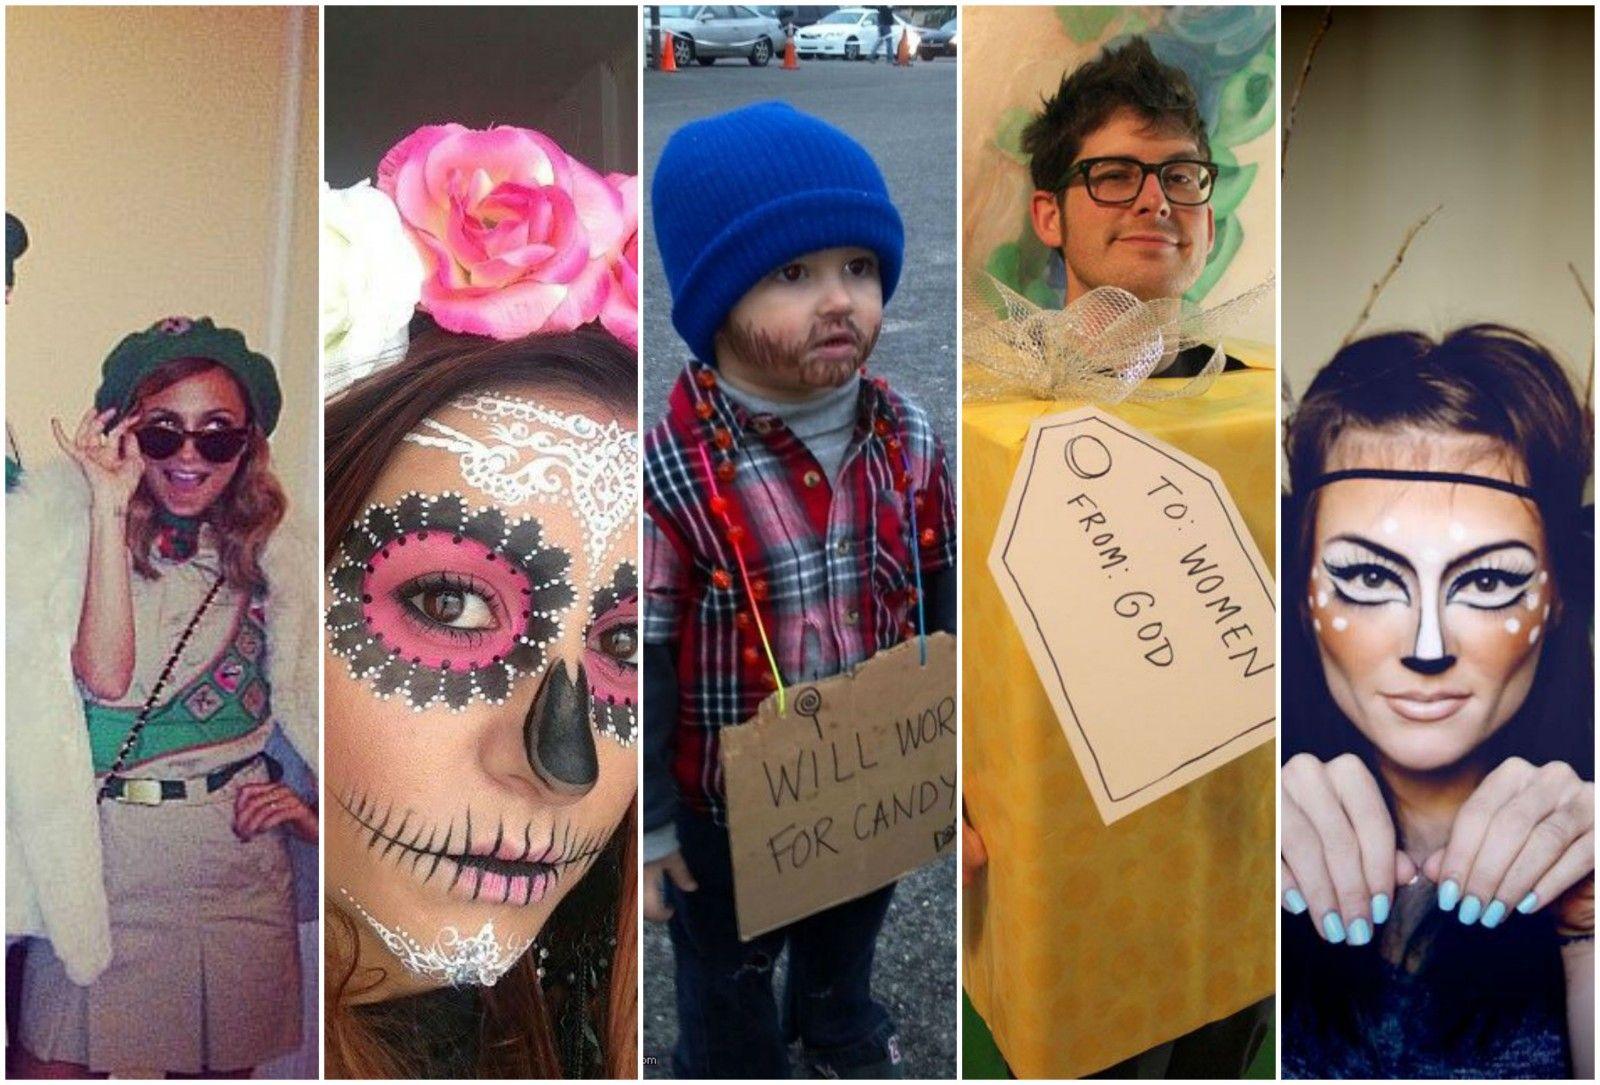 Minek öltözz be idén Halloweenkor? - A múmia vajon jó választás?